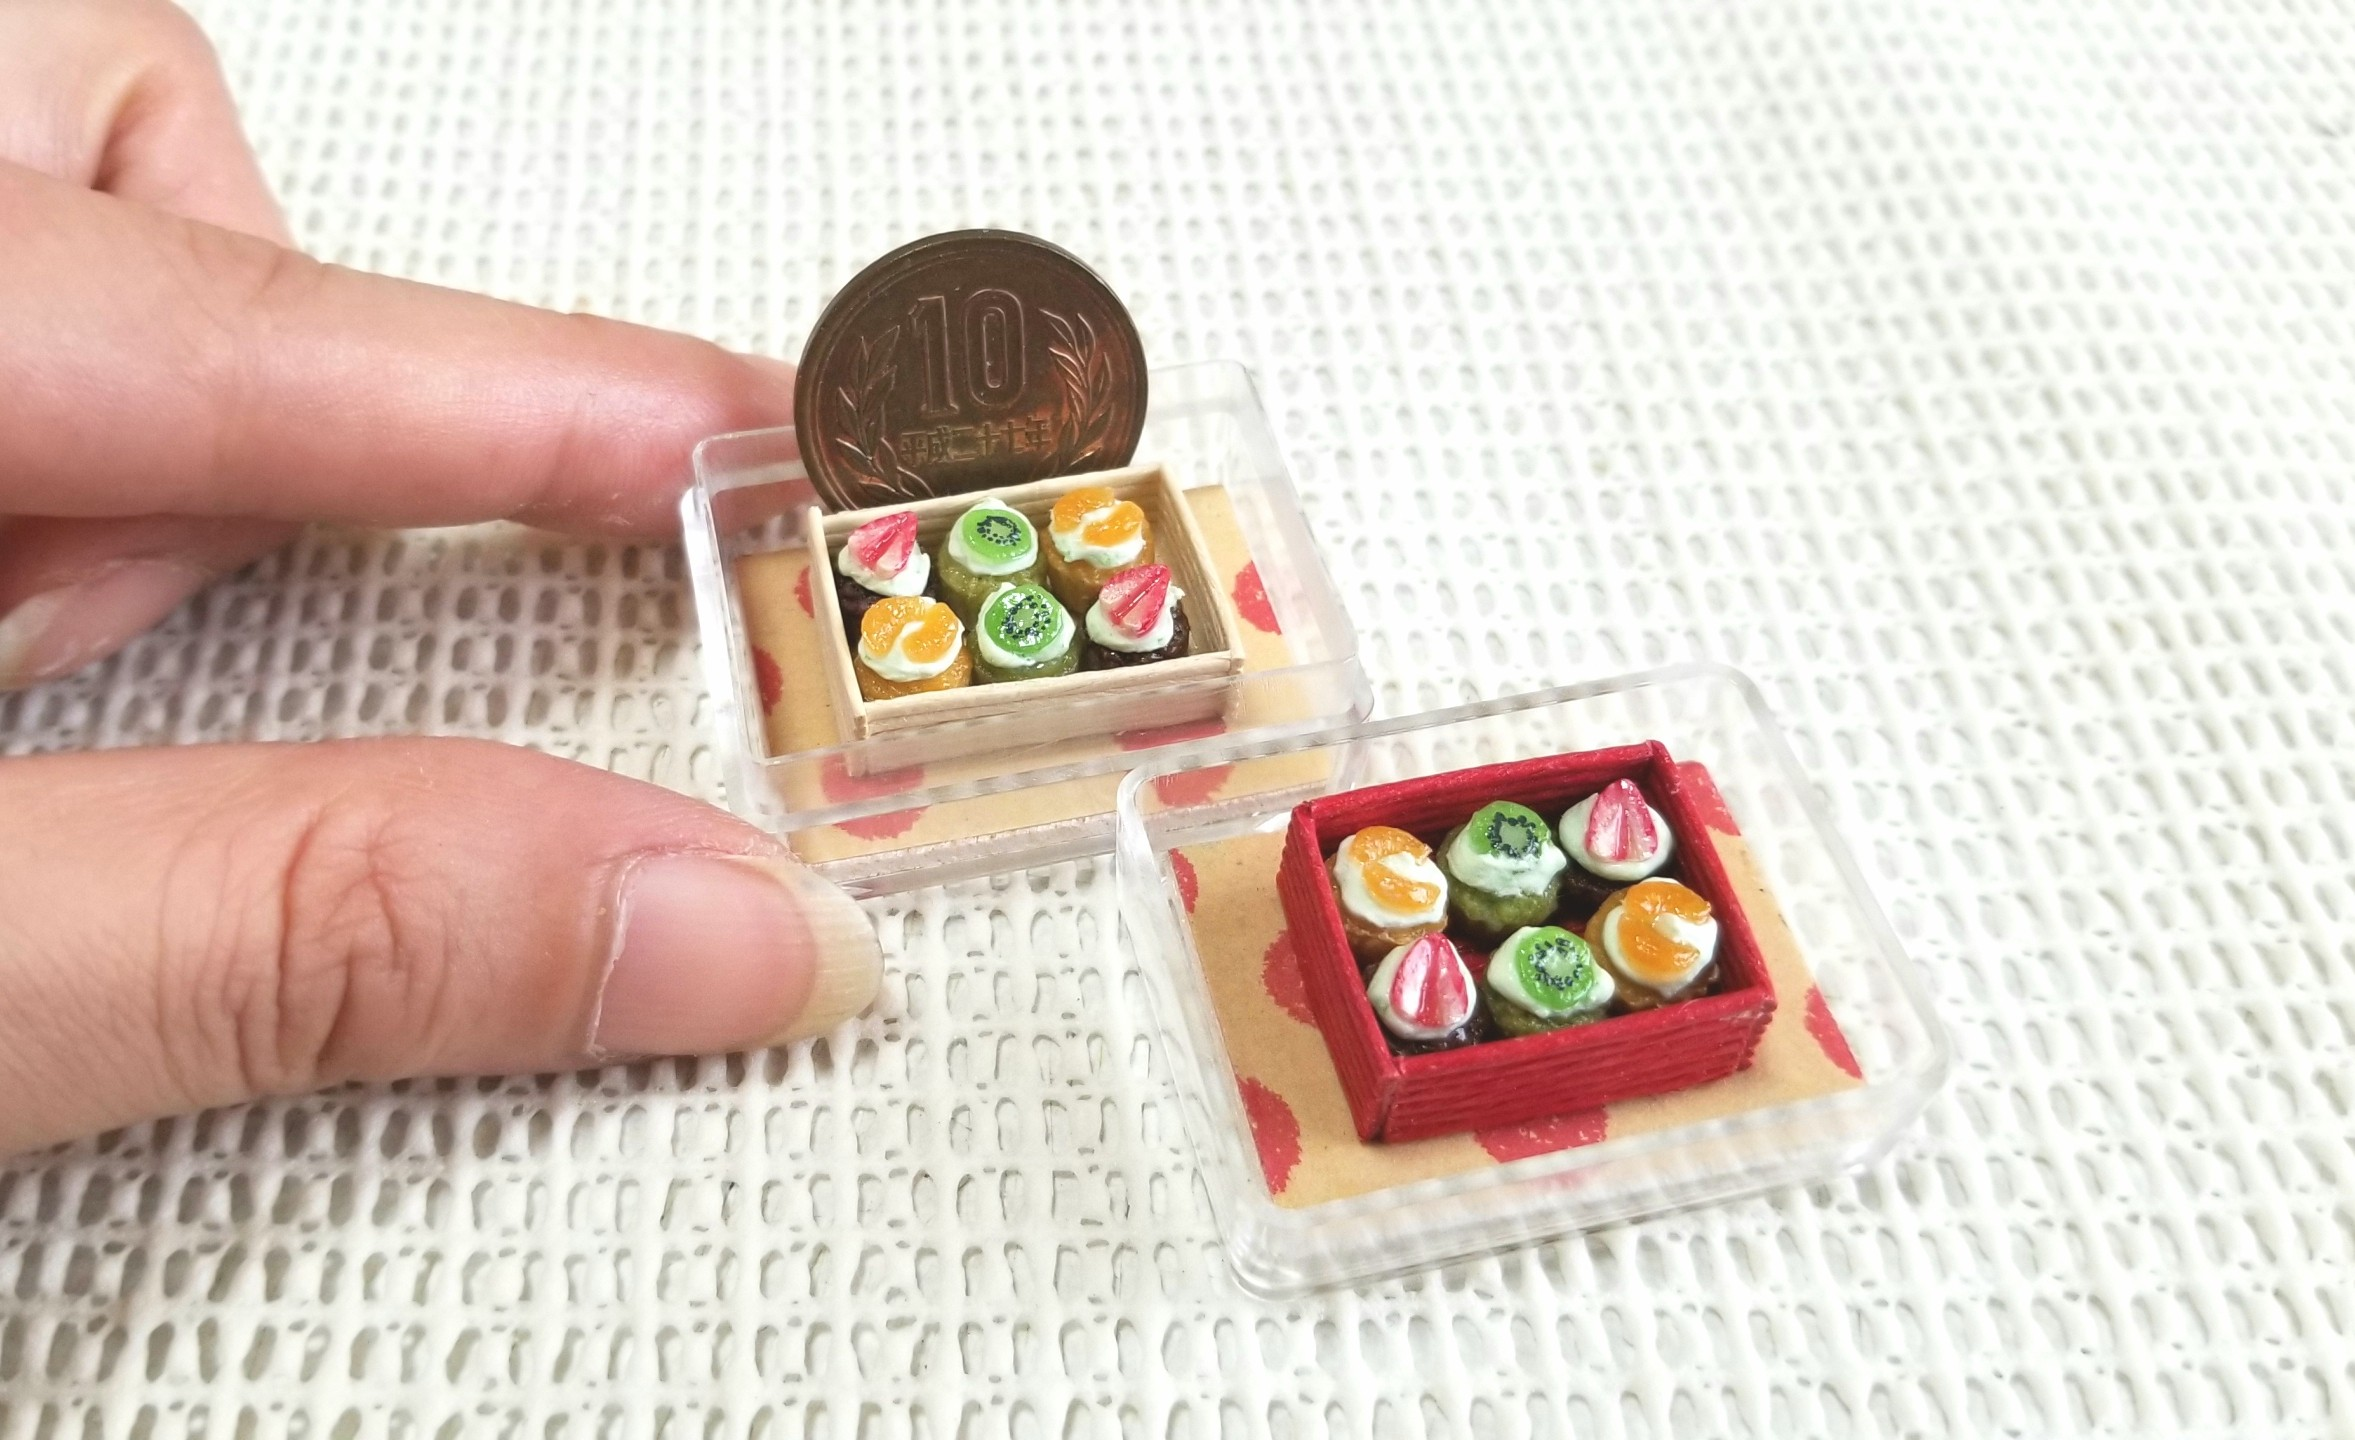 ミニチュアフード, ミニカップケーキ, ミンネで販売中, ハンドメイド